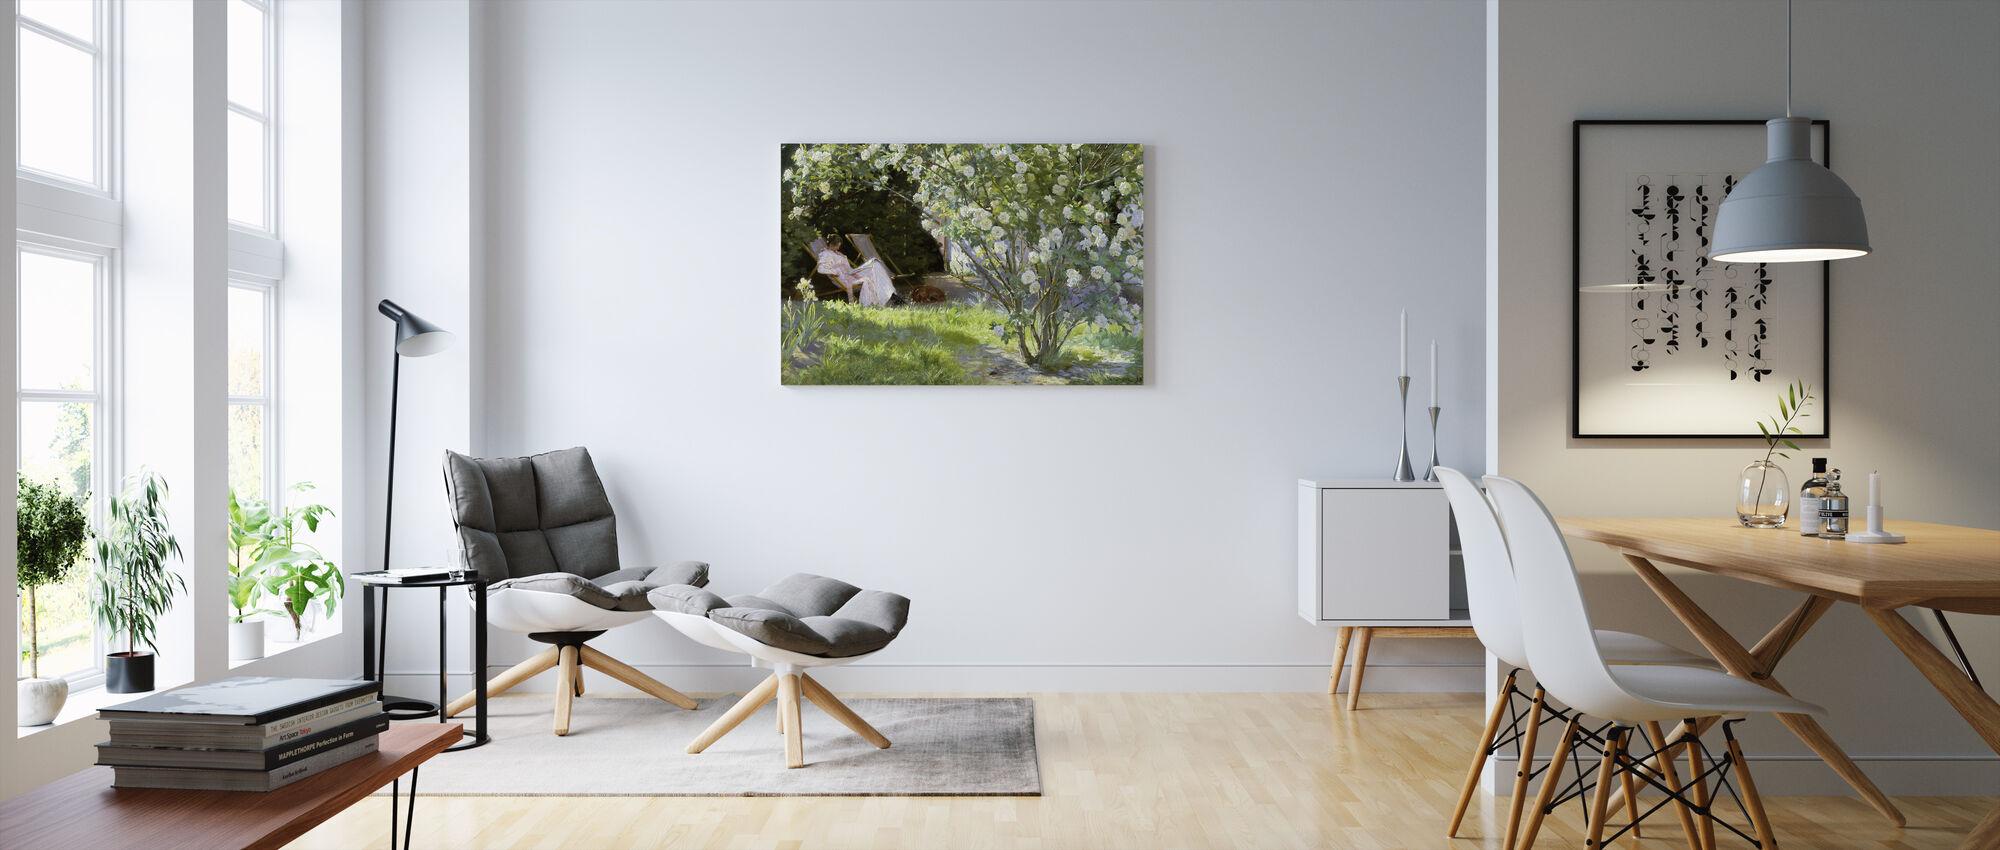 Konstnärens fru i Skagens trädgård - Peder Severin Kroyer - Canvastavla - Vardagsrum